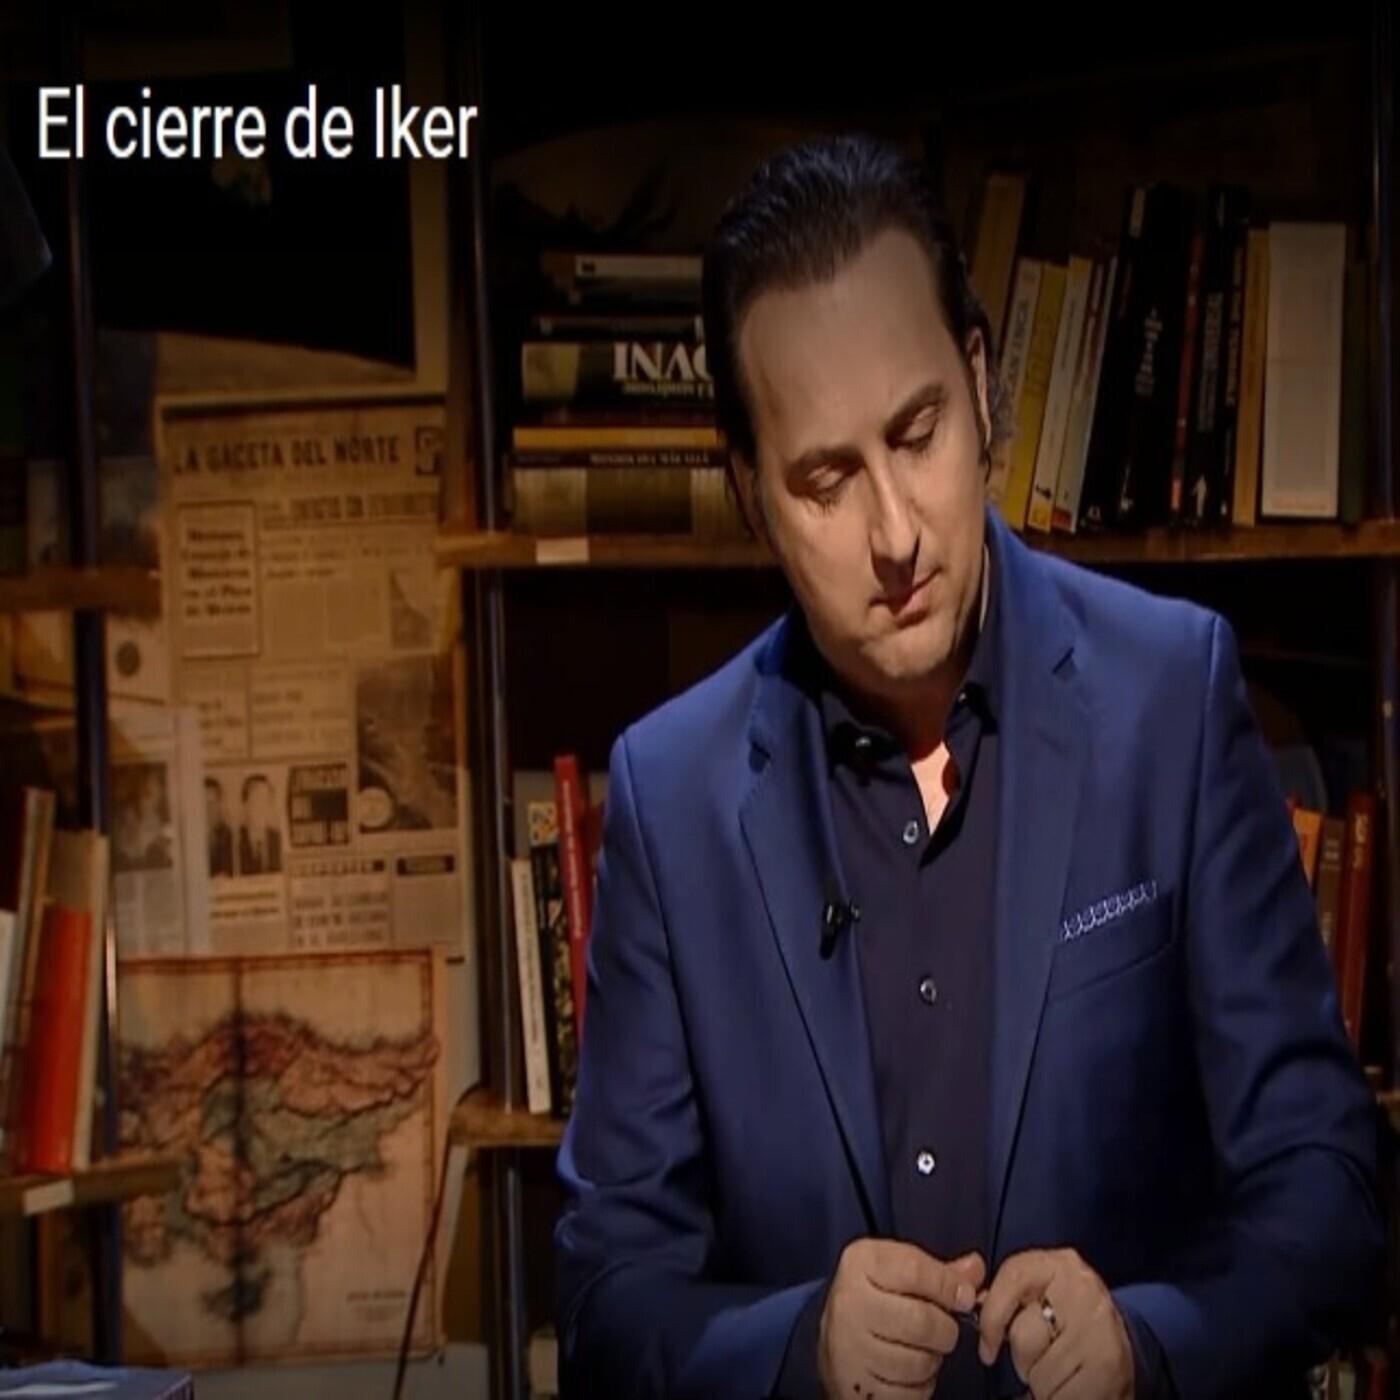 El cierre de Iker: Vamos a superar las dificultades